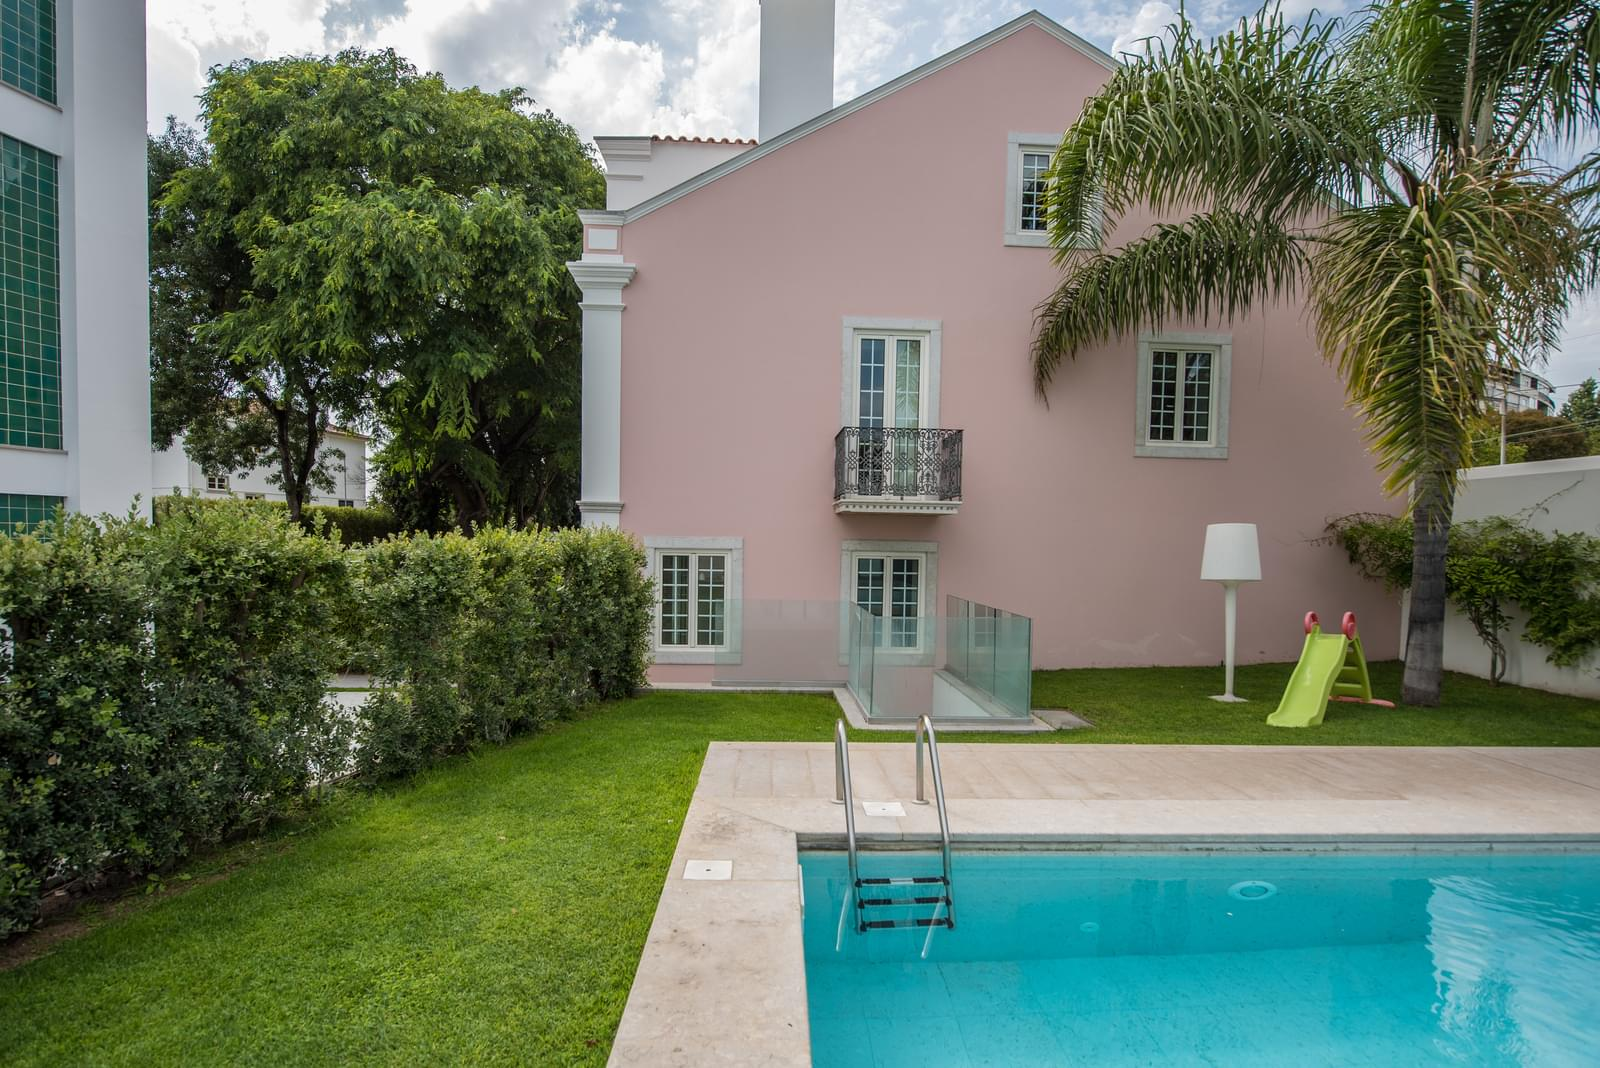 Apartamento T5+1 duplex com piscina